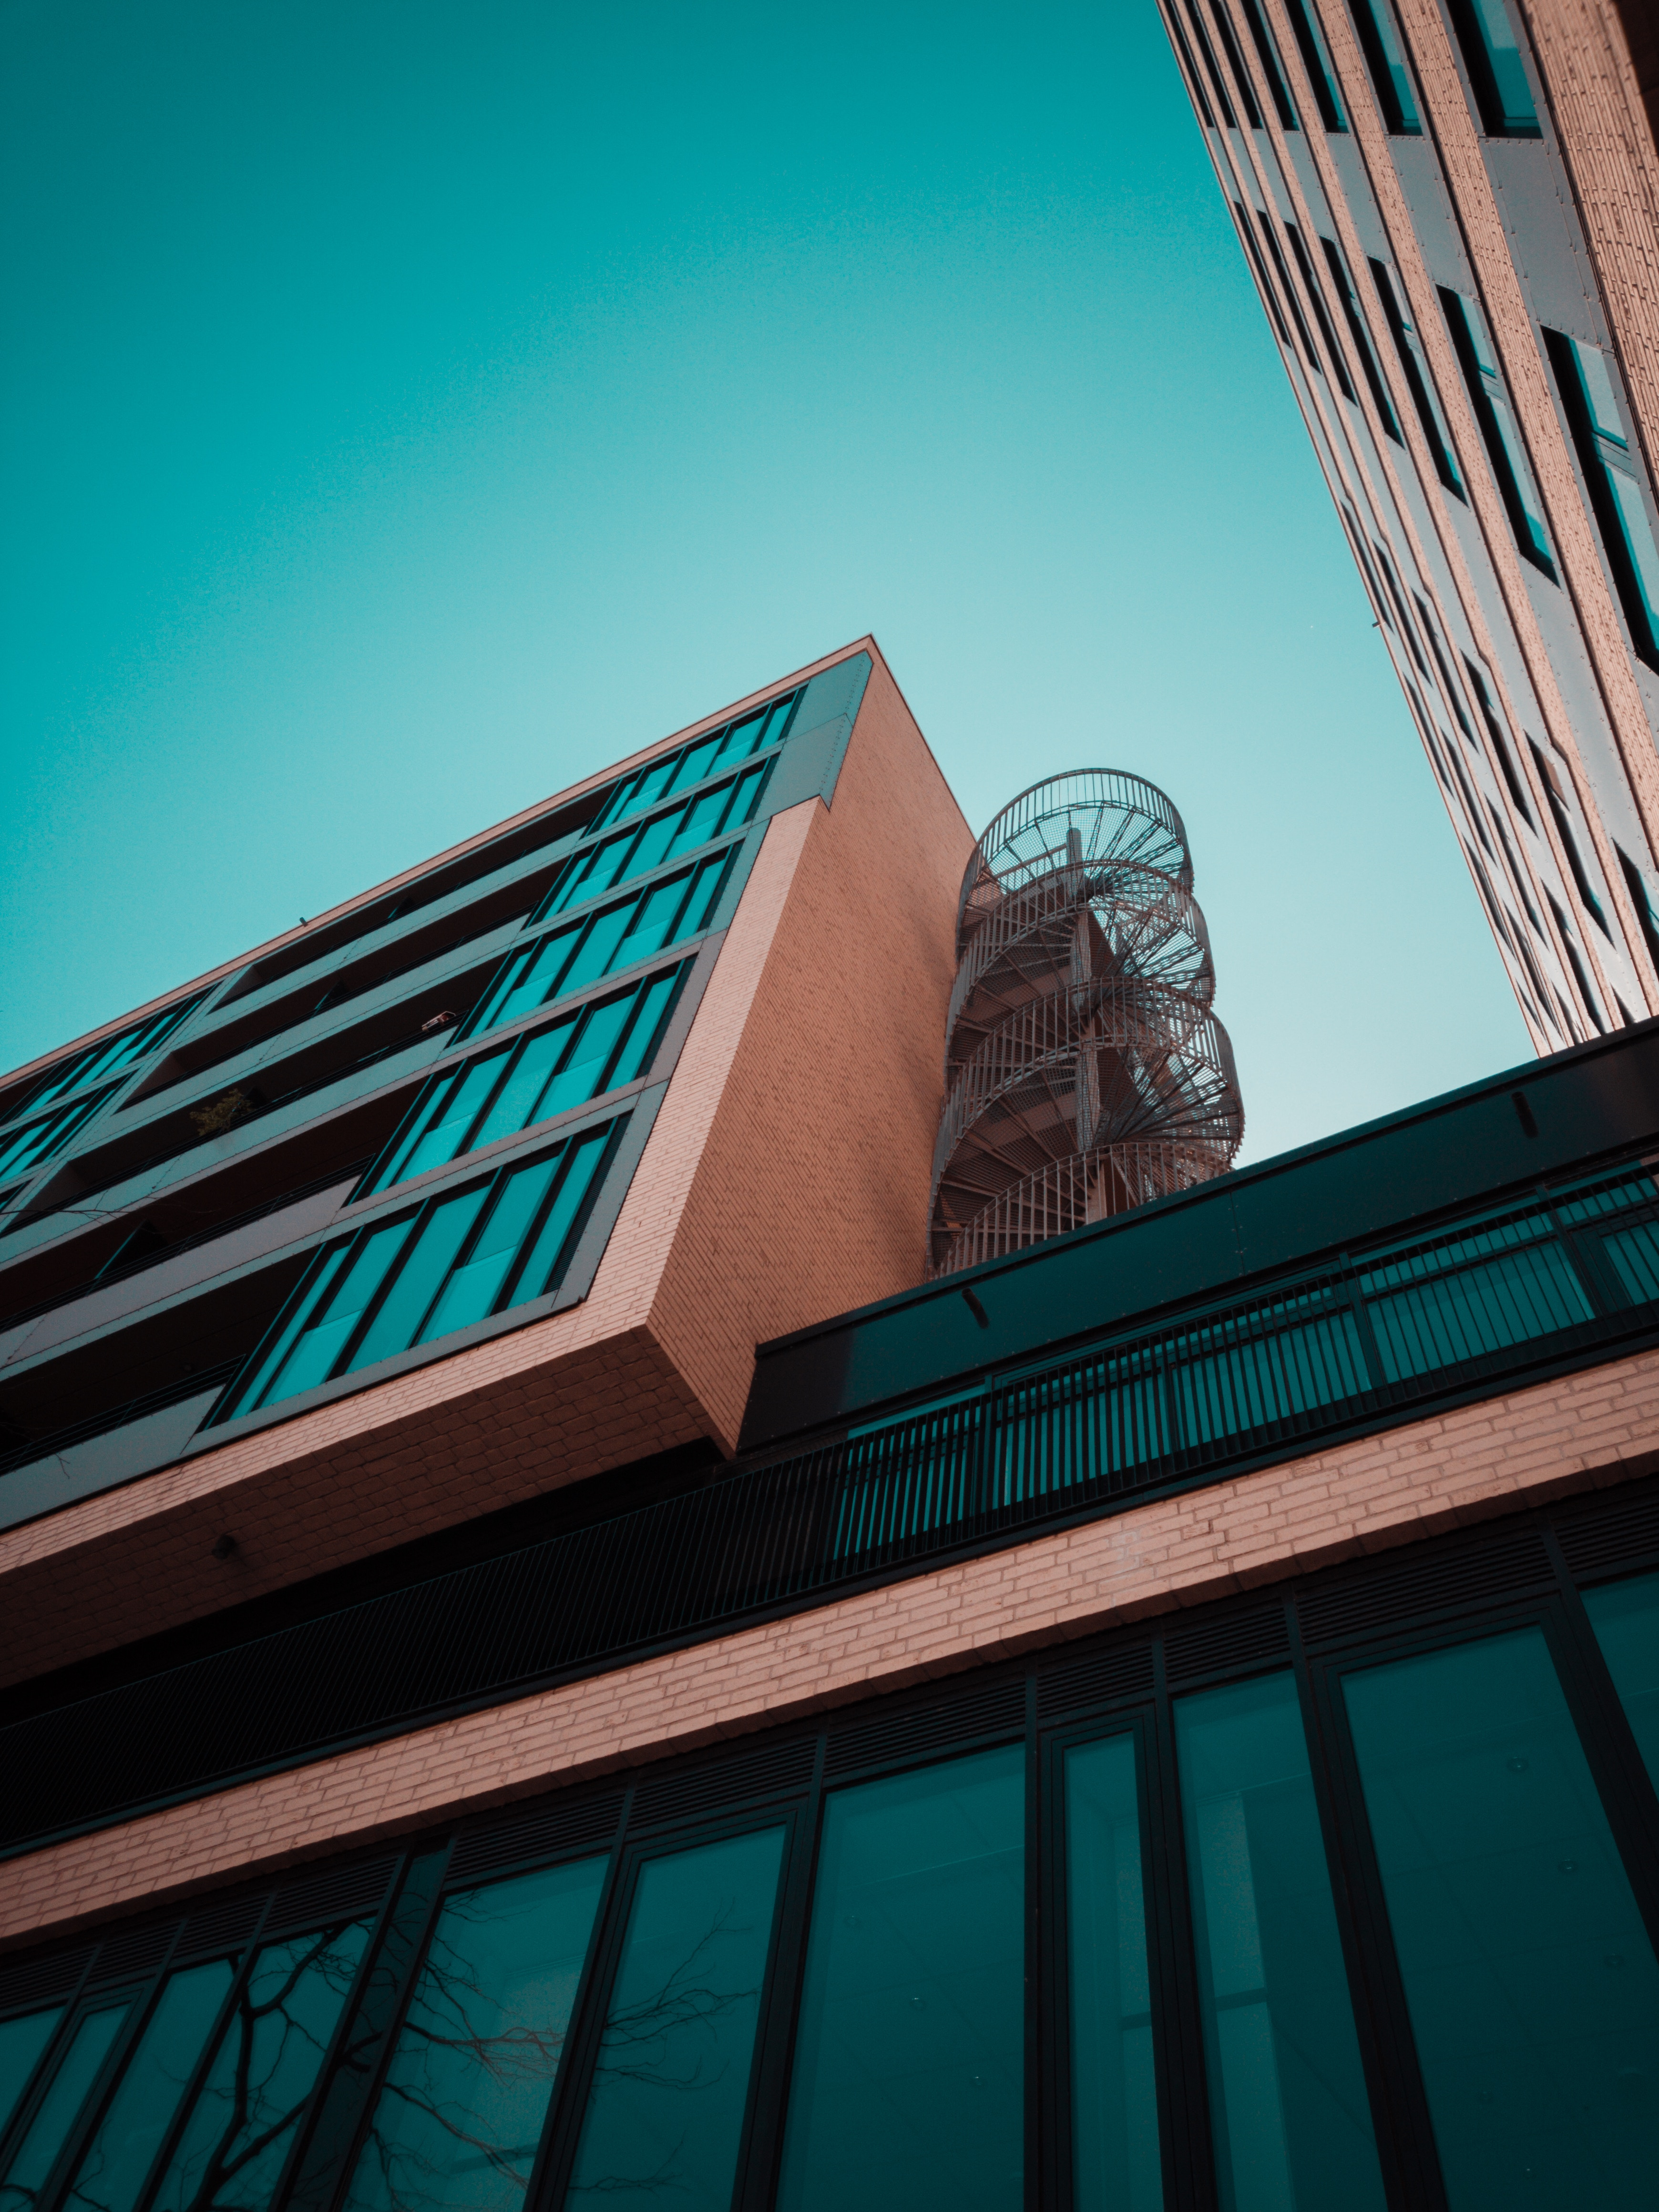 96298 скачать обои Минимализм, Здание, Фасад, Симметрия, Городской, Архитектура - заставки и картинки бесплатно